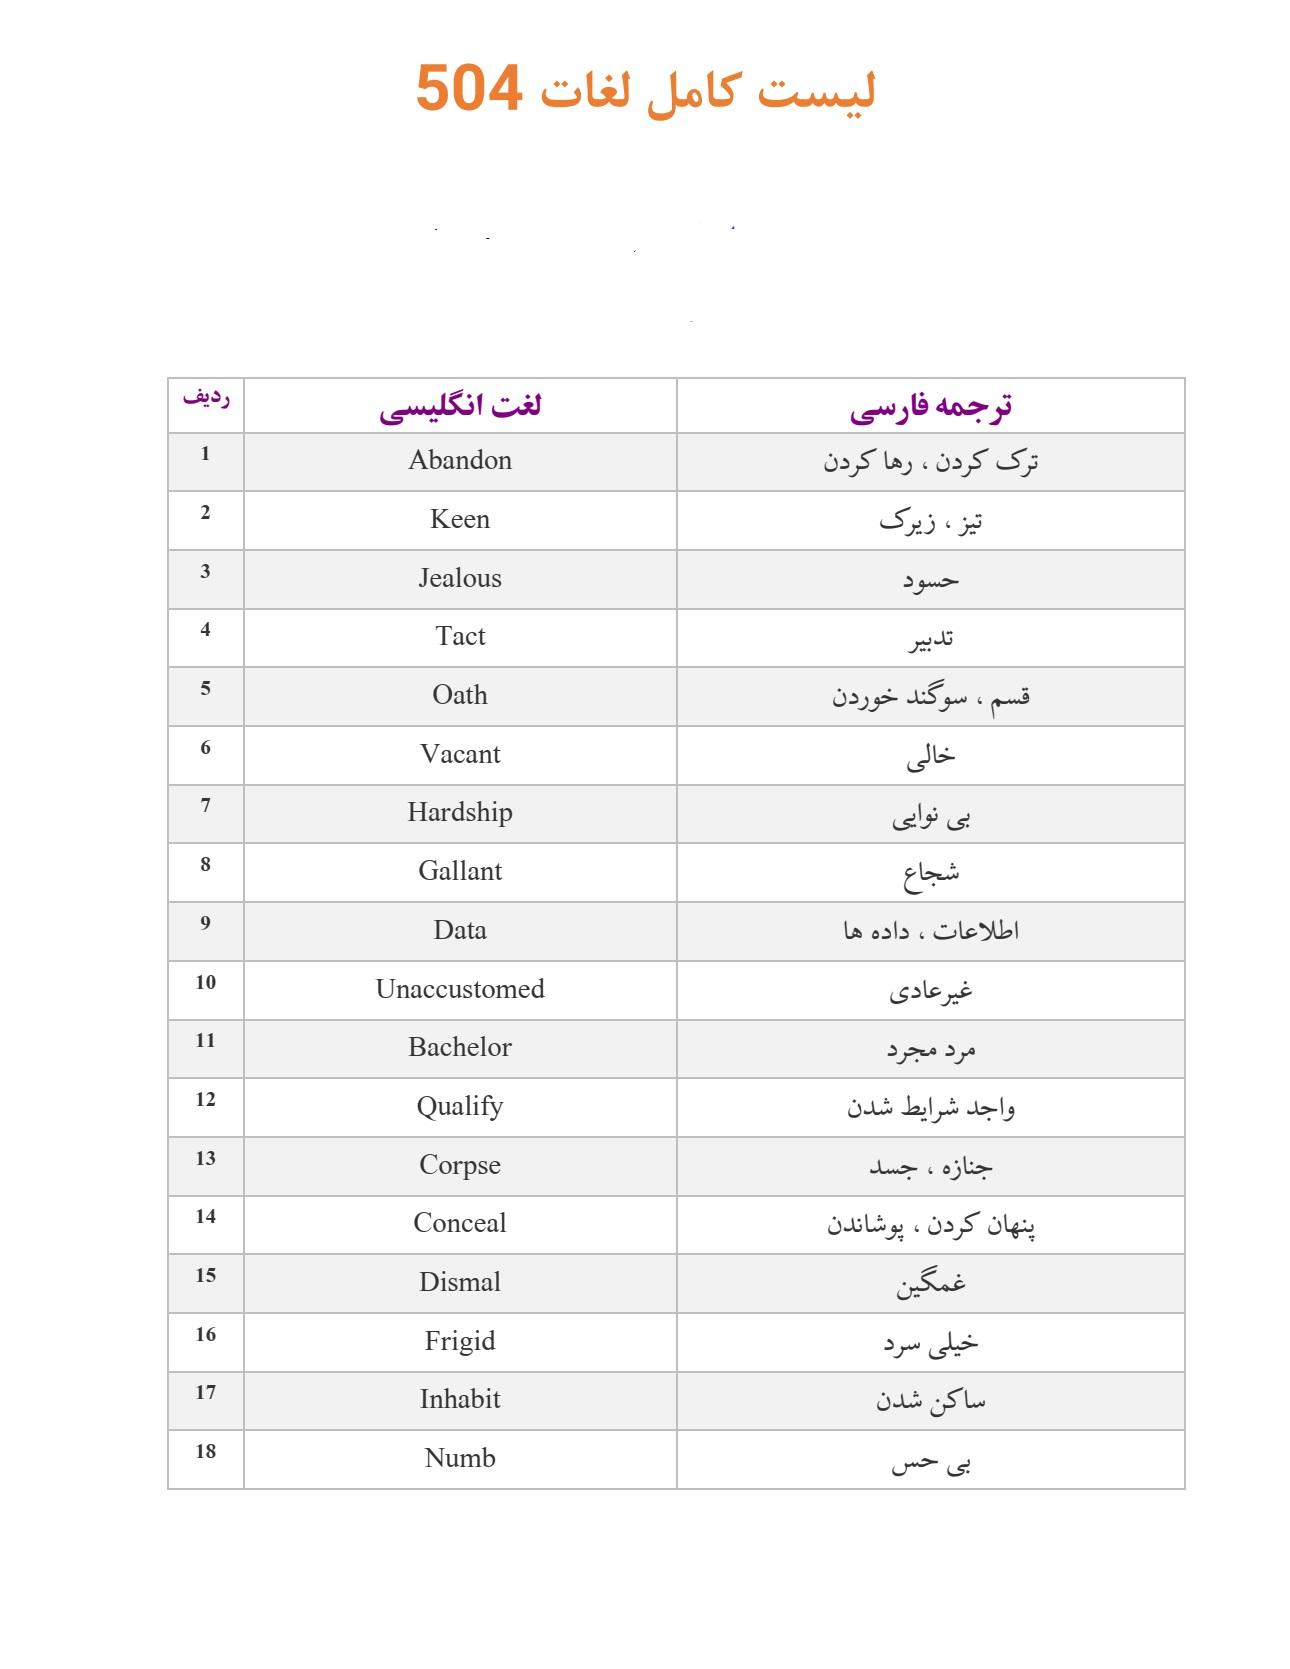 لیست لغات زبان انگلیسی ۵۰۴